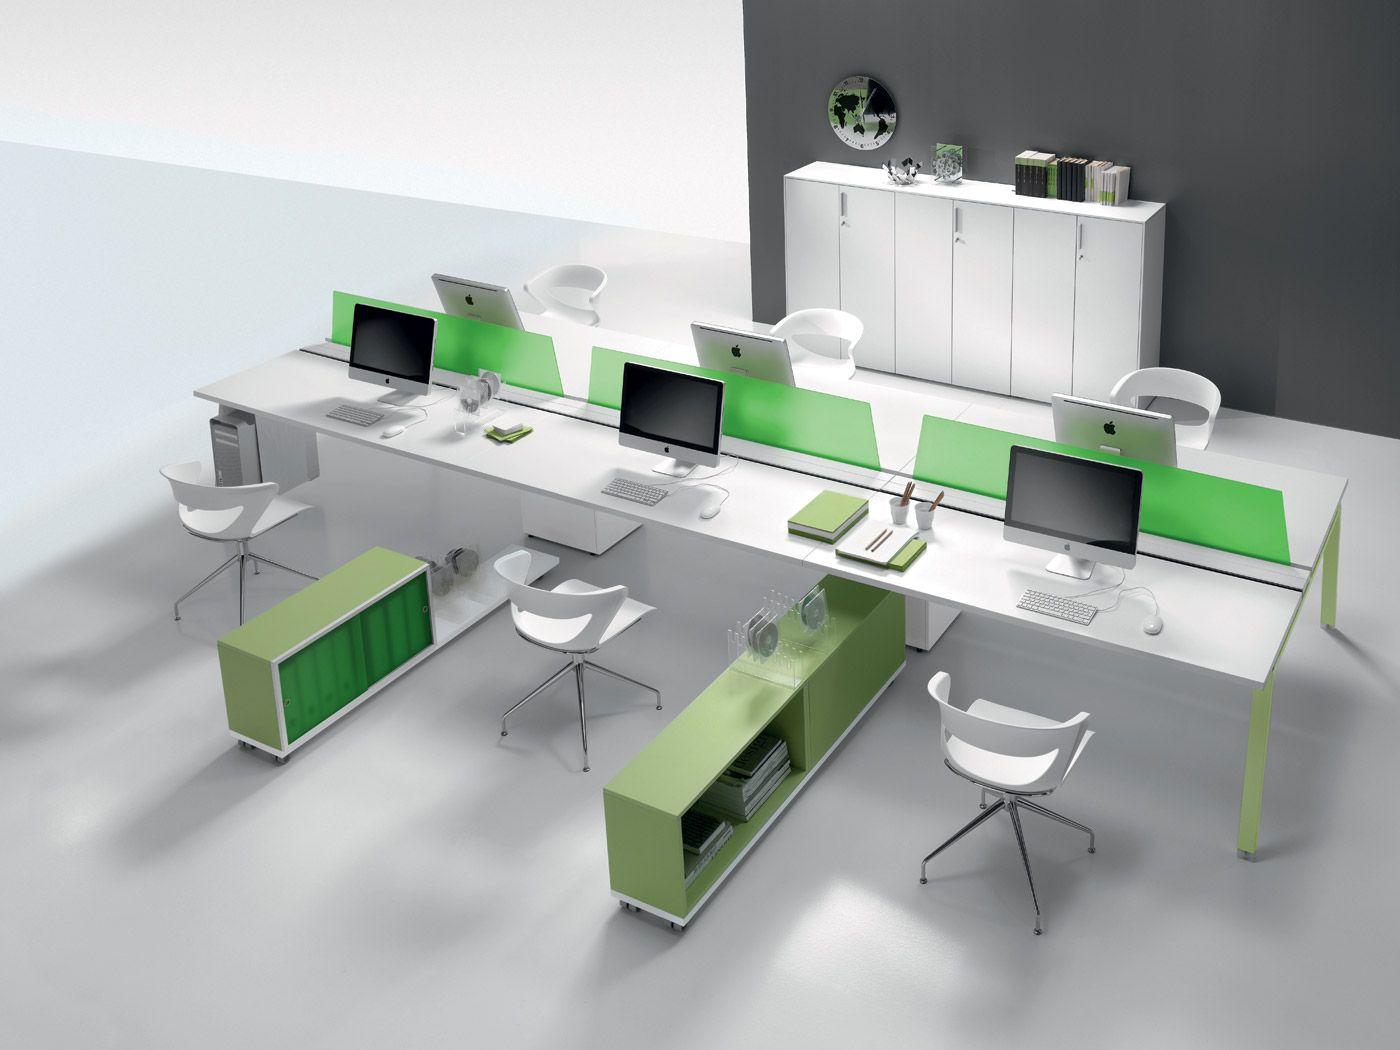 Alea office atreo series week lead time open office ideas